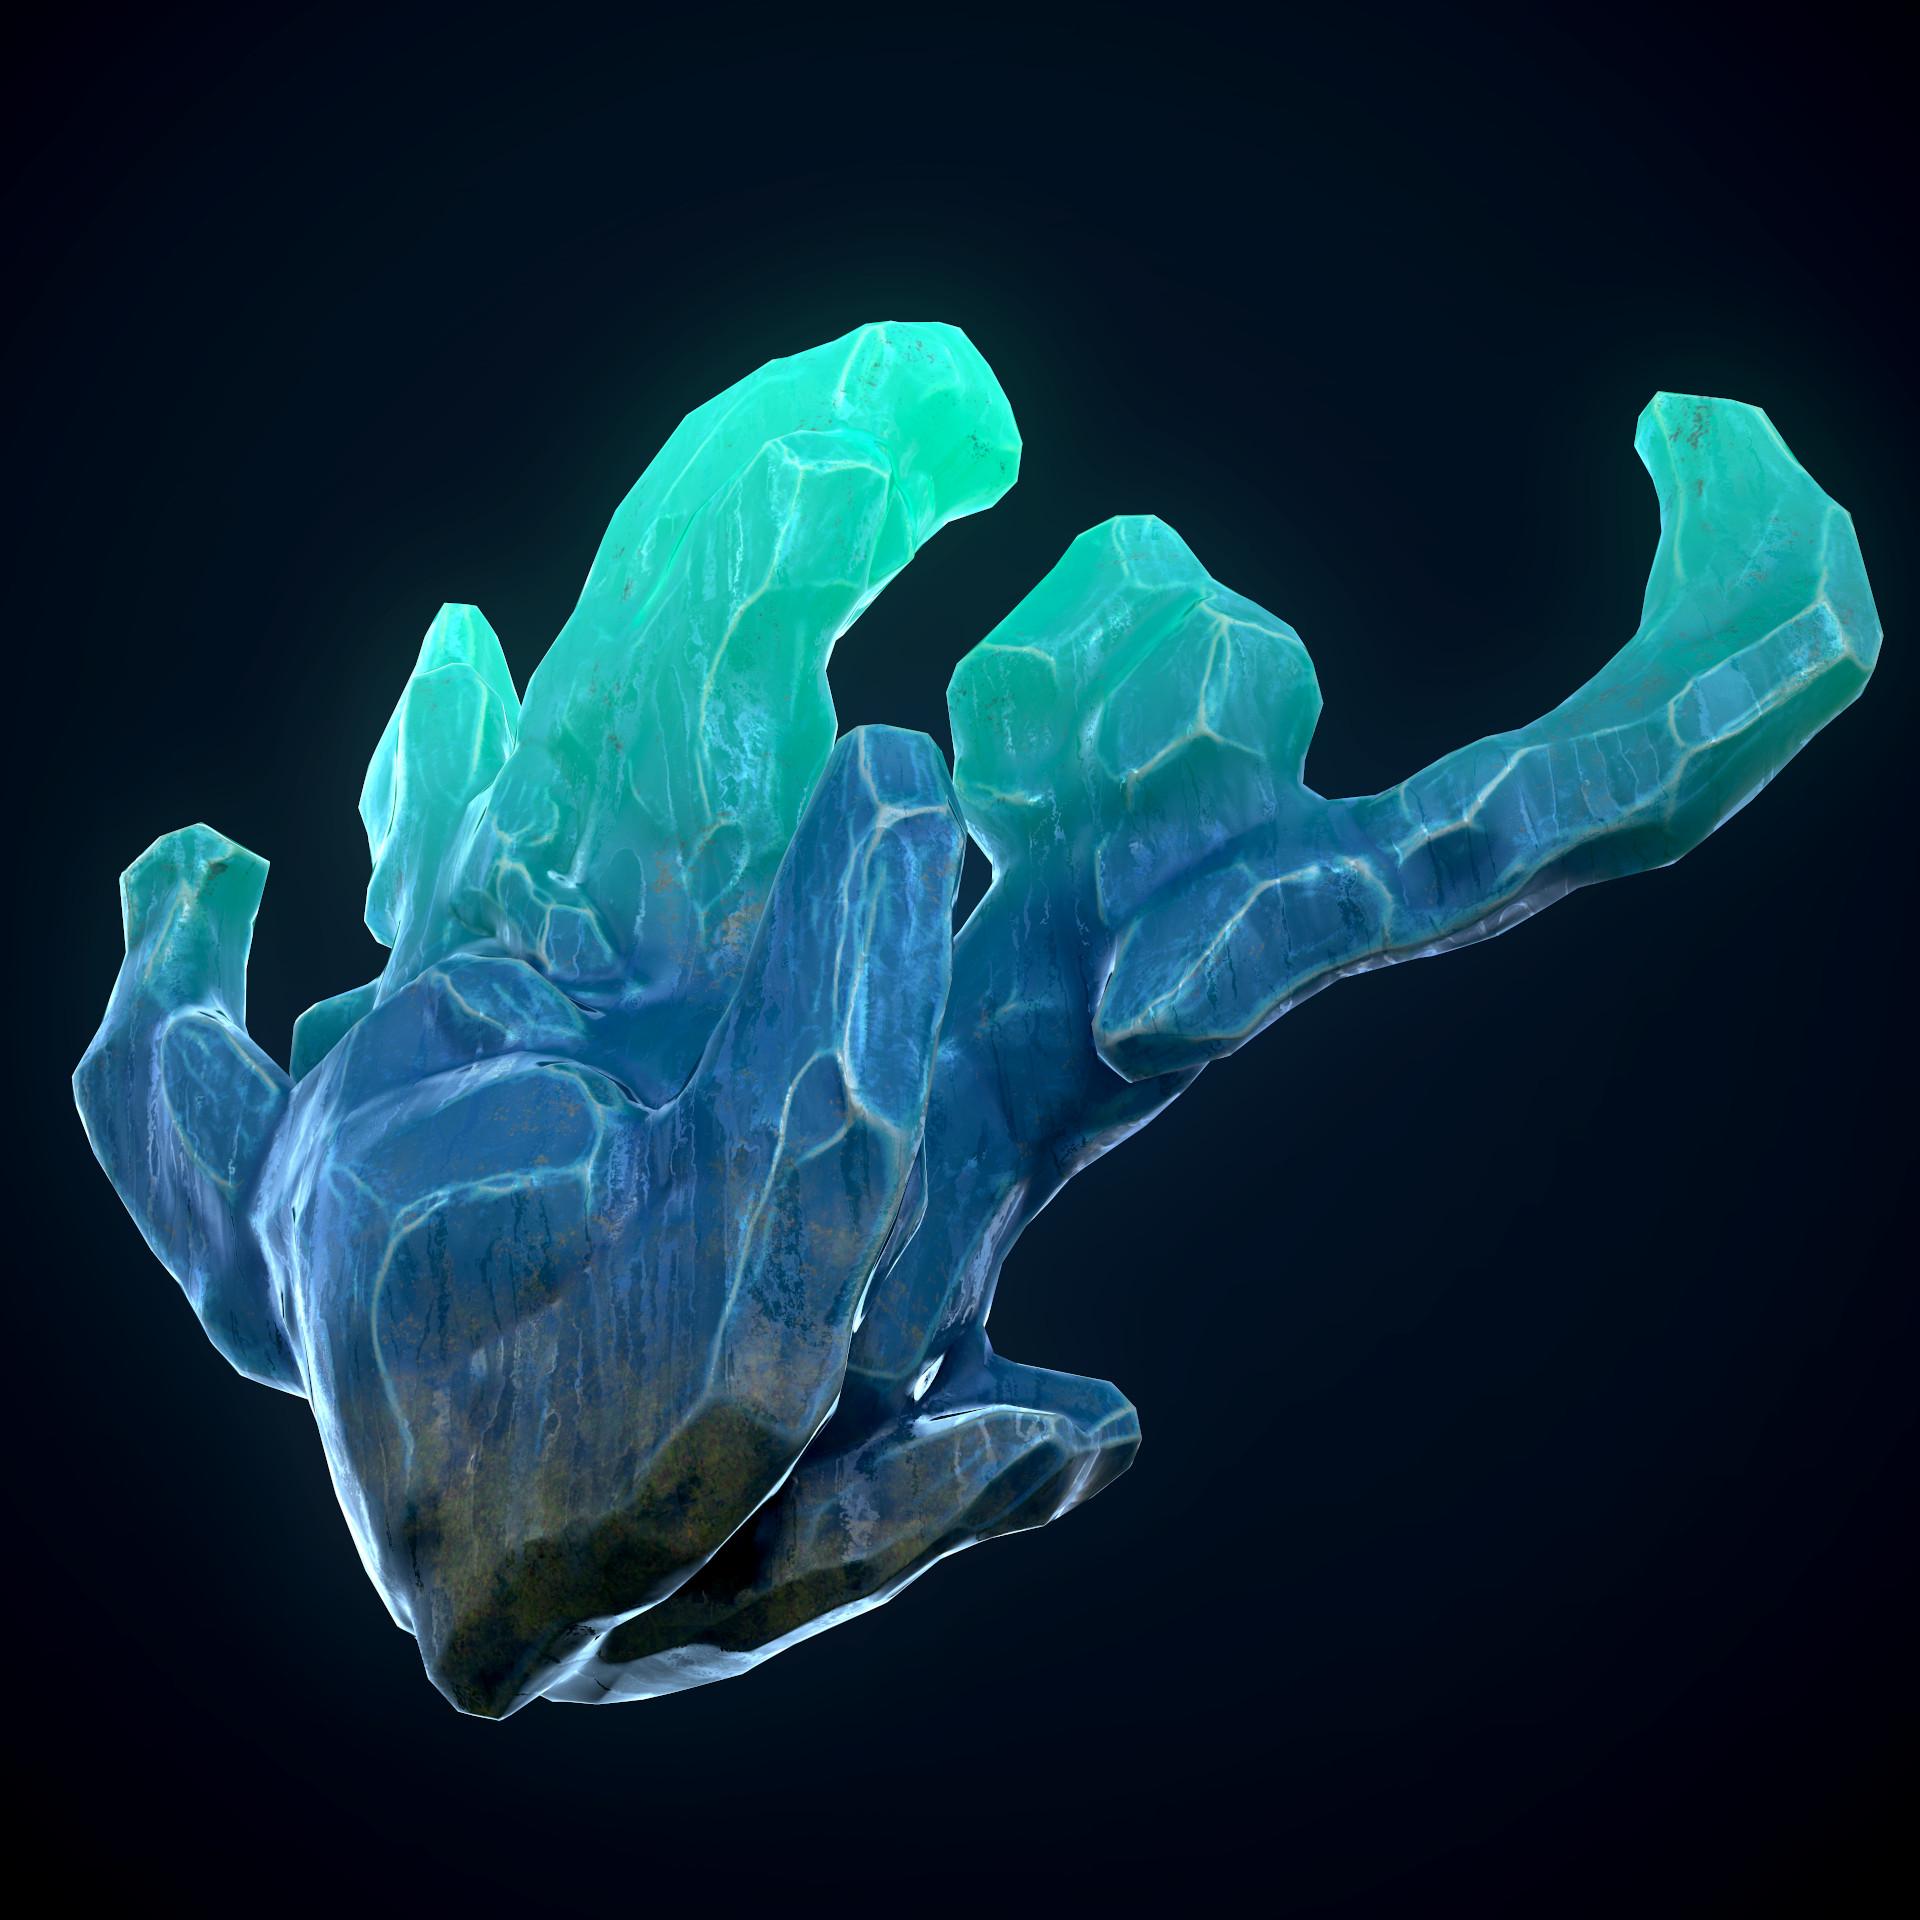 Andrew krivulya crystal render012